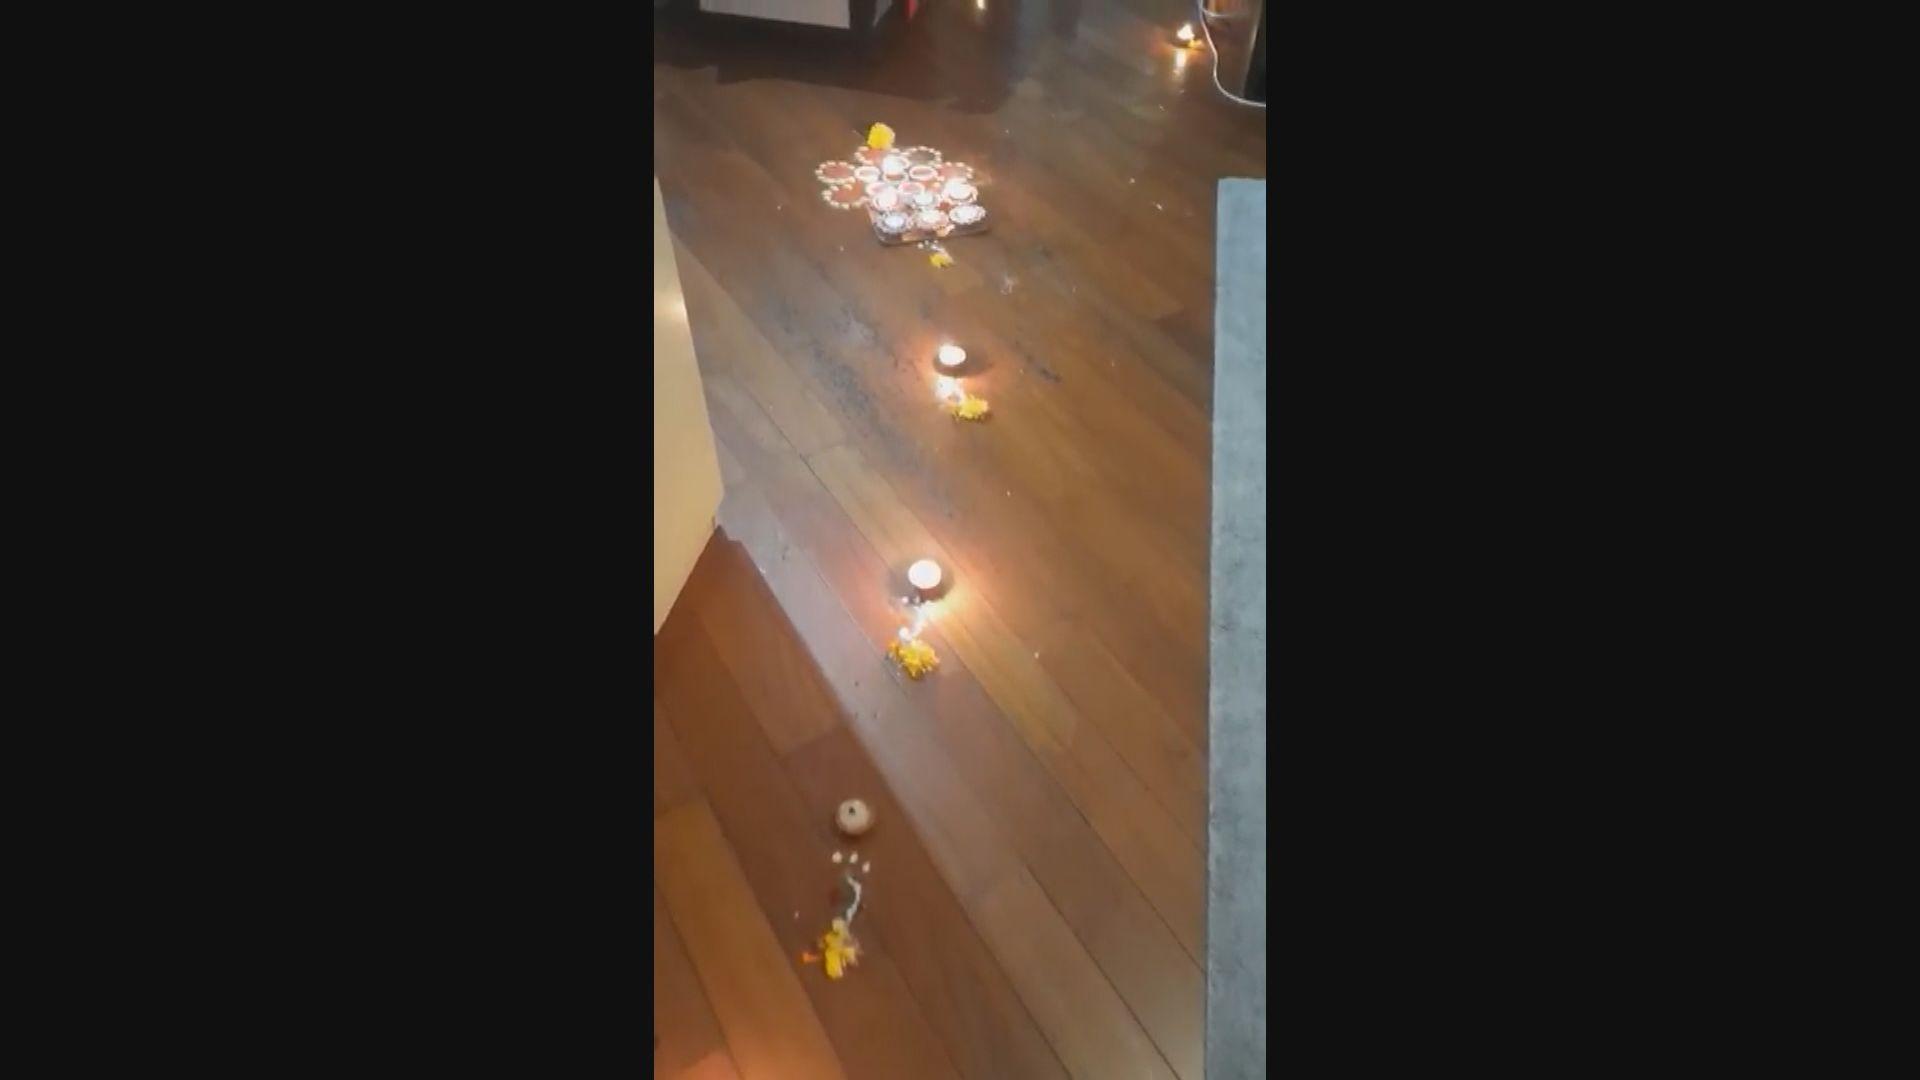 尼泊爾團體:排燈節習俗在地上點蠟燭 疑與火警有關